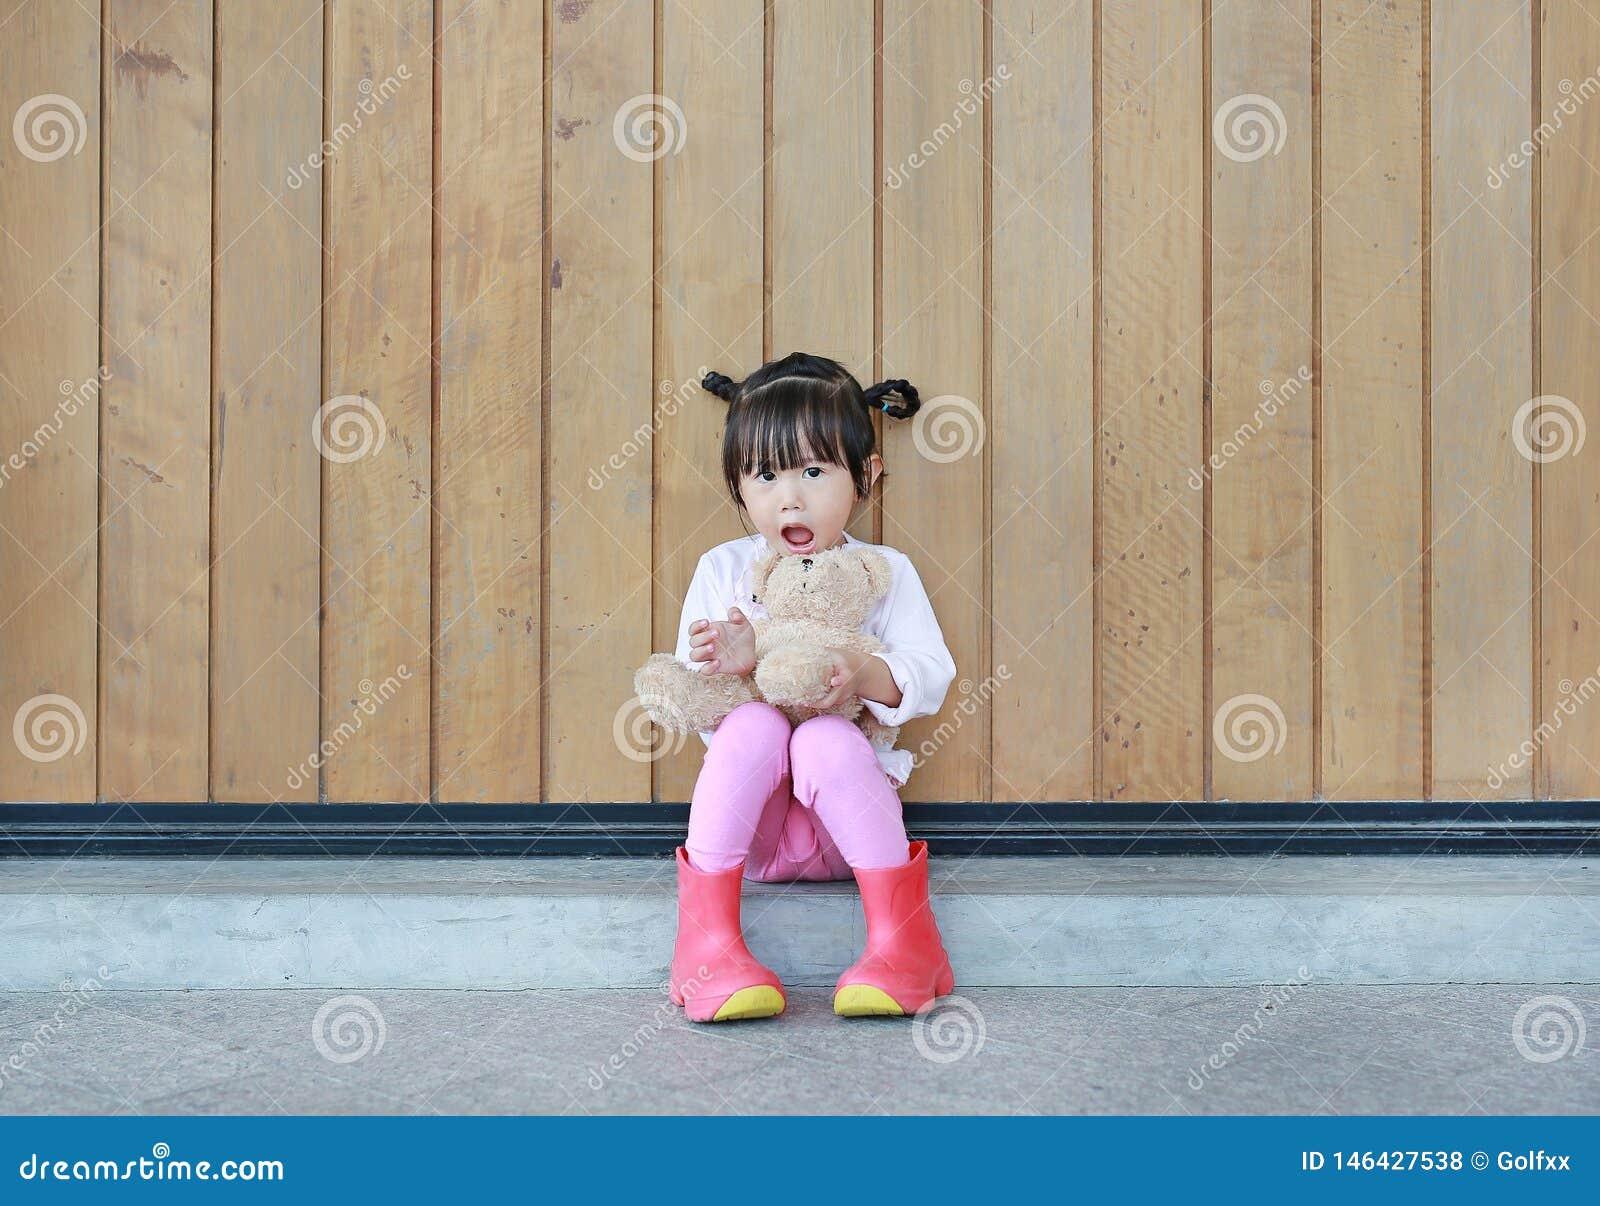 逗人喜爱的女孩画象坐和拥抱玩具熊对木板条墙壁